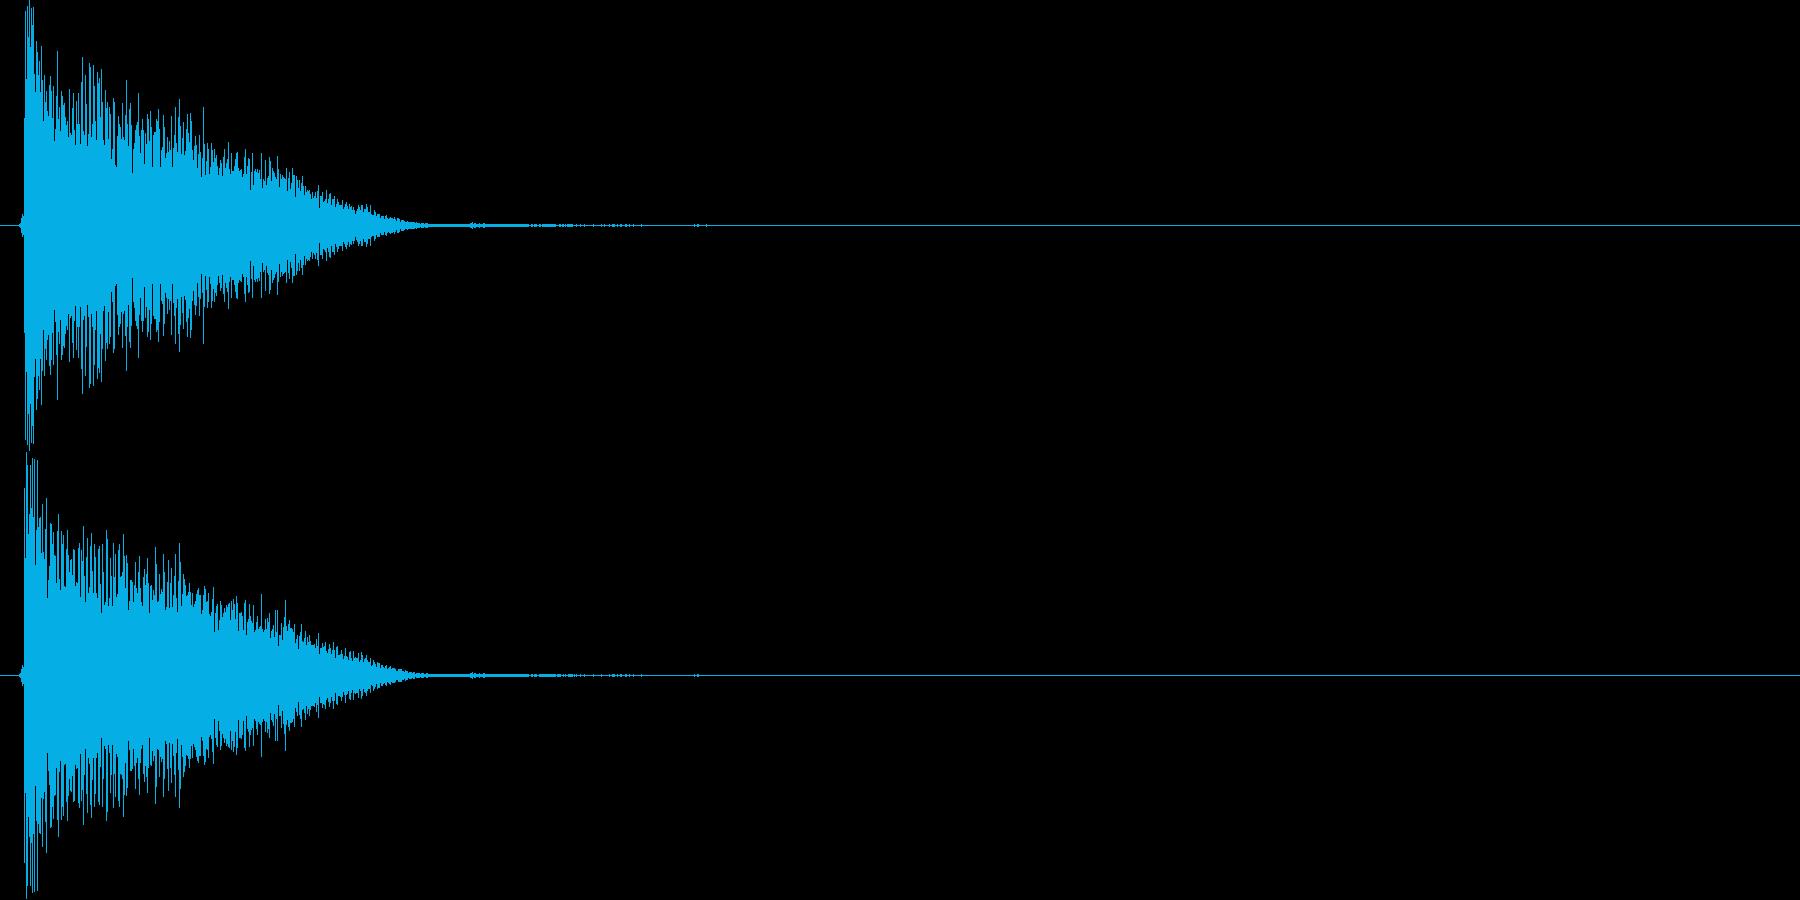 キュィン(アイテム使用、パワーアップ)の再生済みの波形